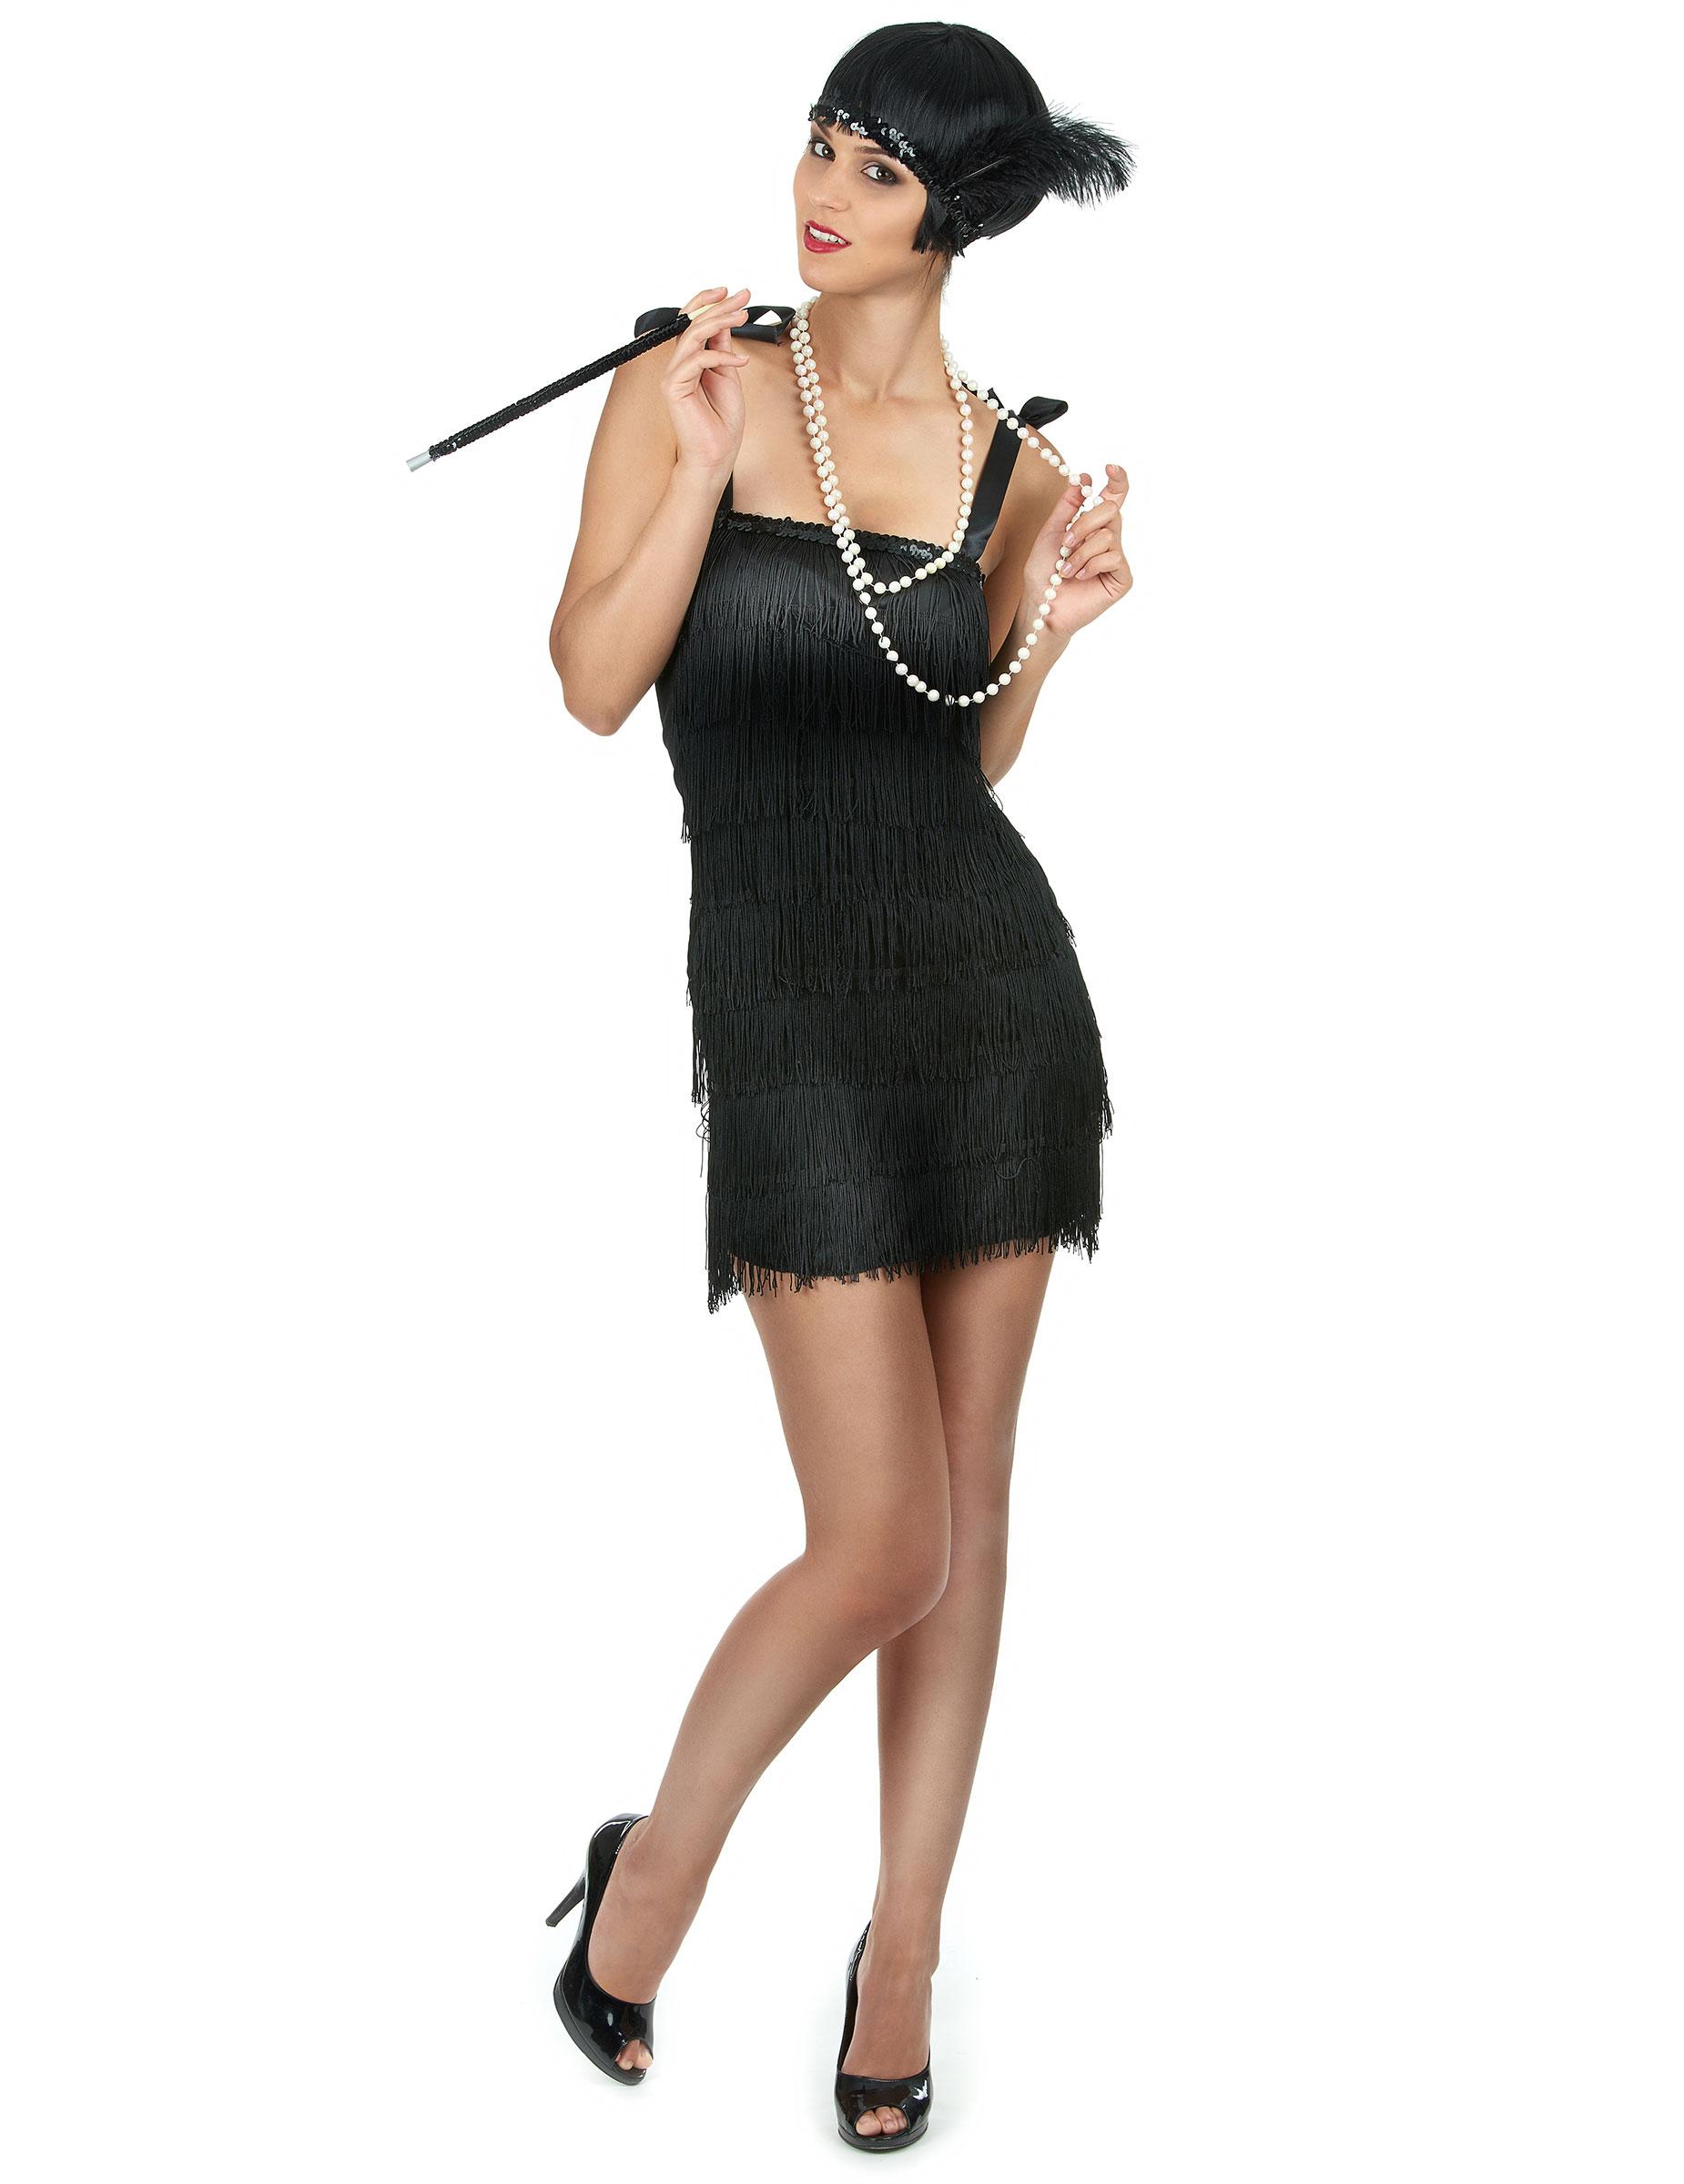 disfraz charleston mujer disfraces adultos y disfraces originales baratos vegaoo. Black Bedroom Furniture Sets. Home Design Ideas